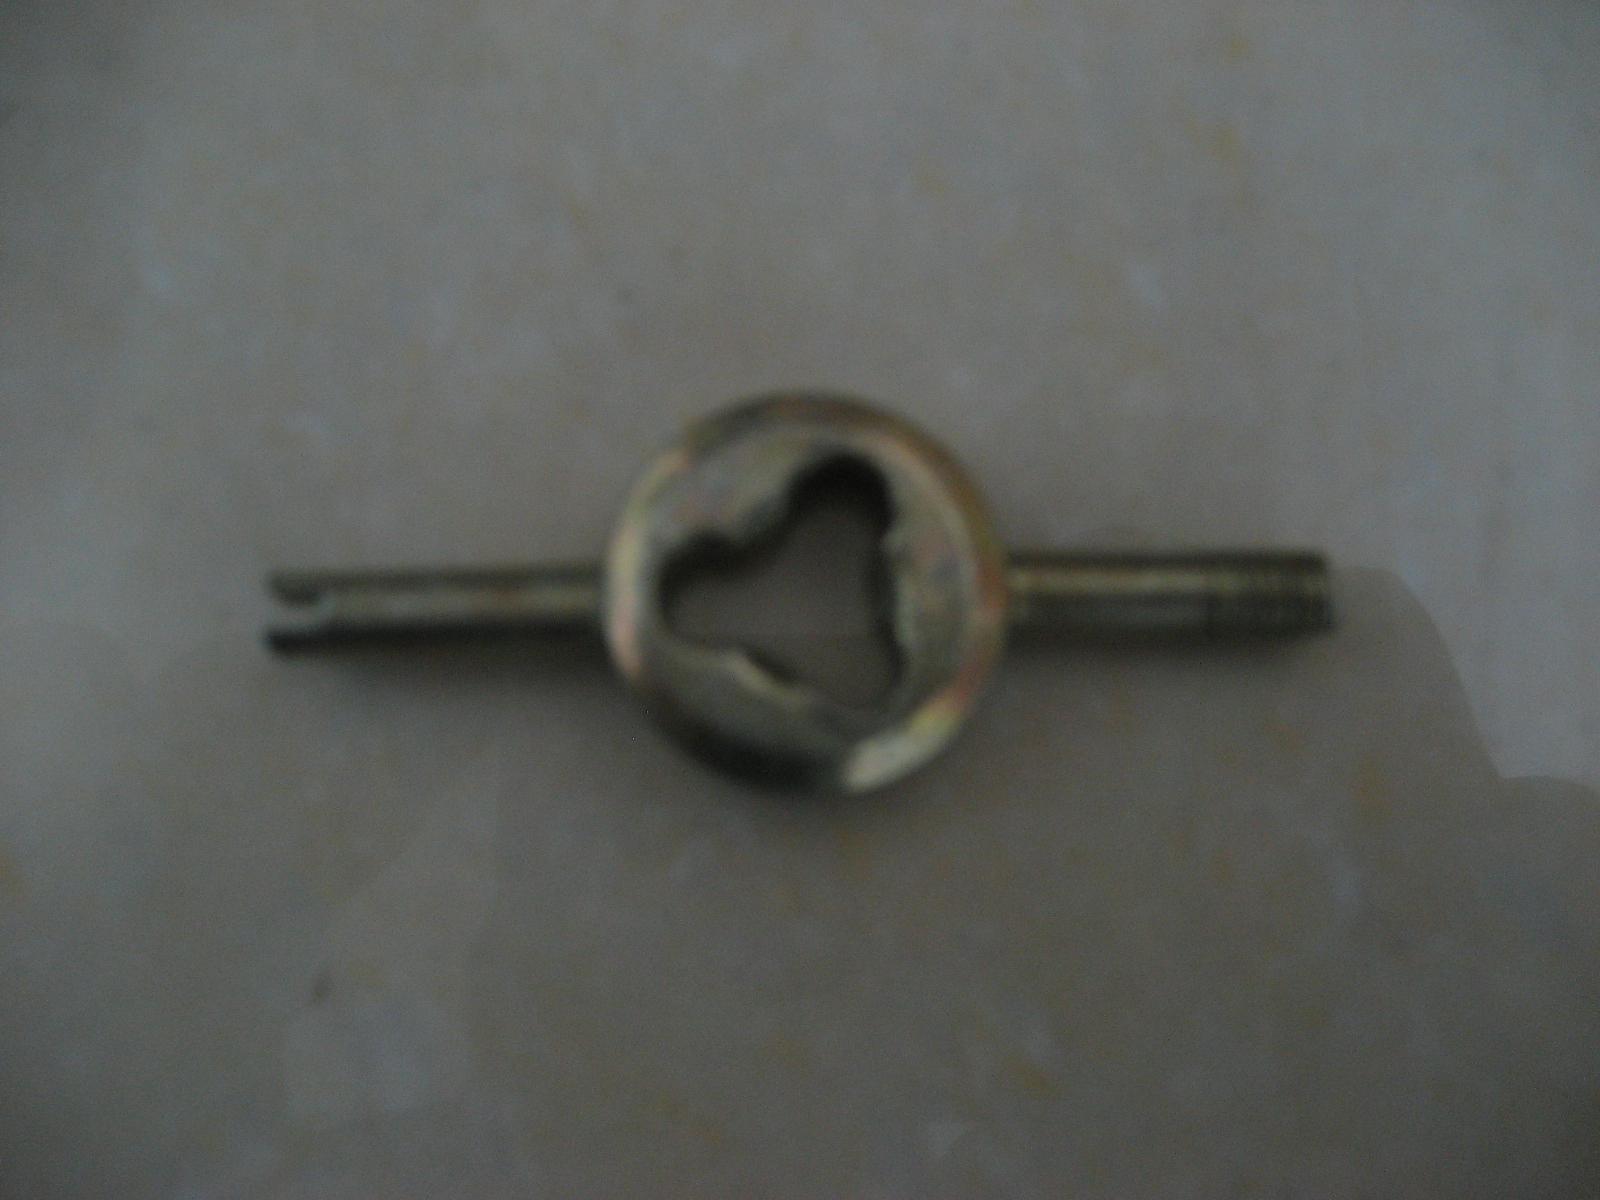 Электромобиль клапан ложка клапан гаечный ключ клапан ядро гаечный ключ трубка гаечный ключ аккумуляторная батарея колесо шина релиз газ клапан гаечный ключ